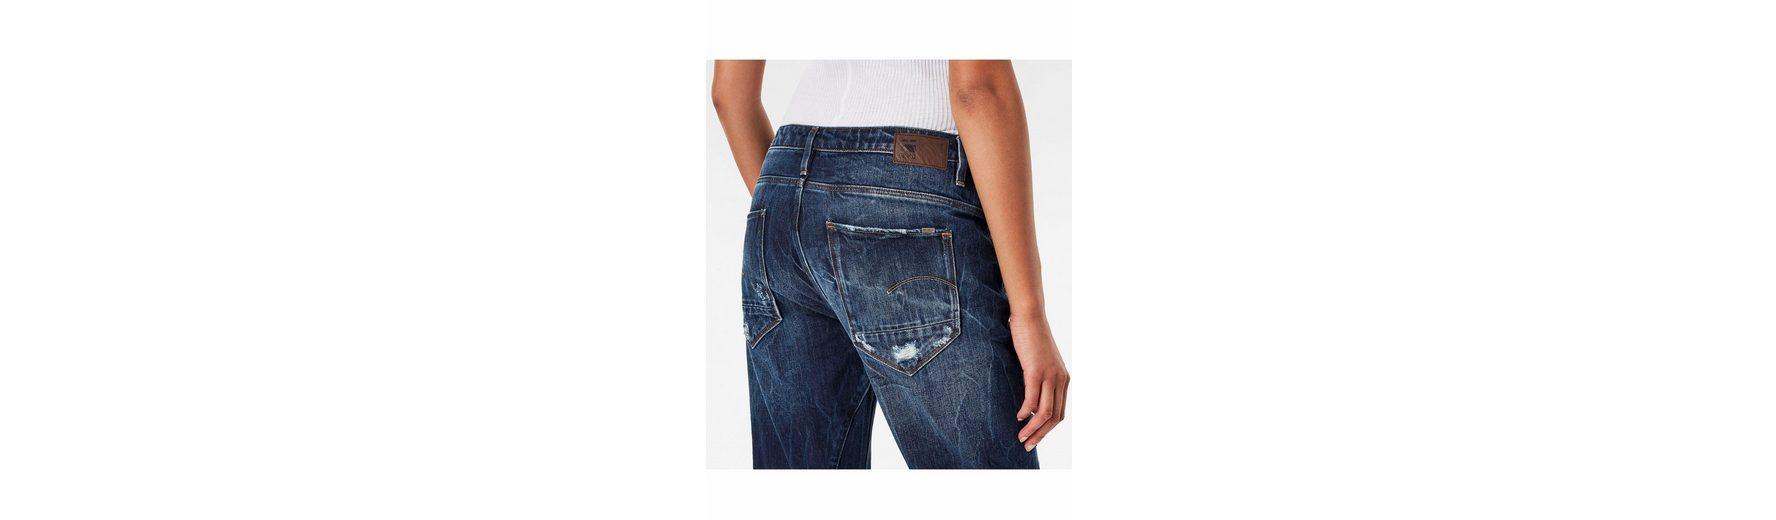 G-Star RAW Boyfriend-Jeans Arc 3d, mit Destroyed-Effekten